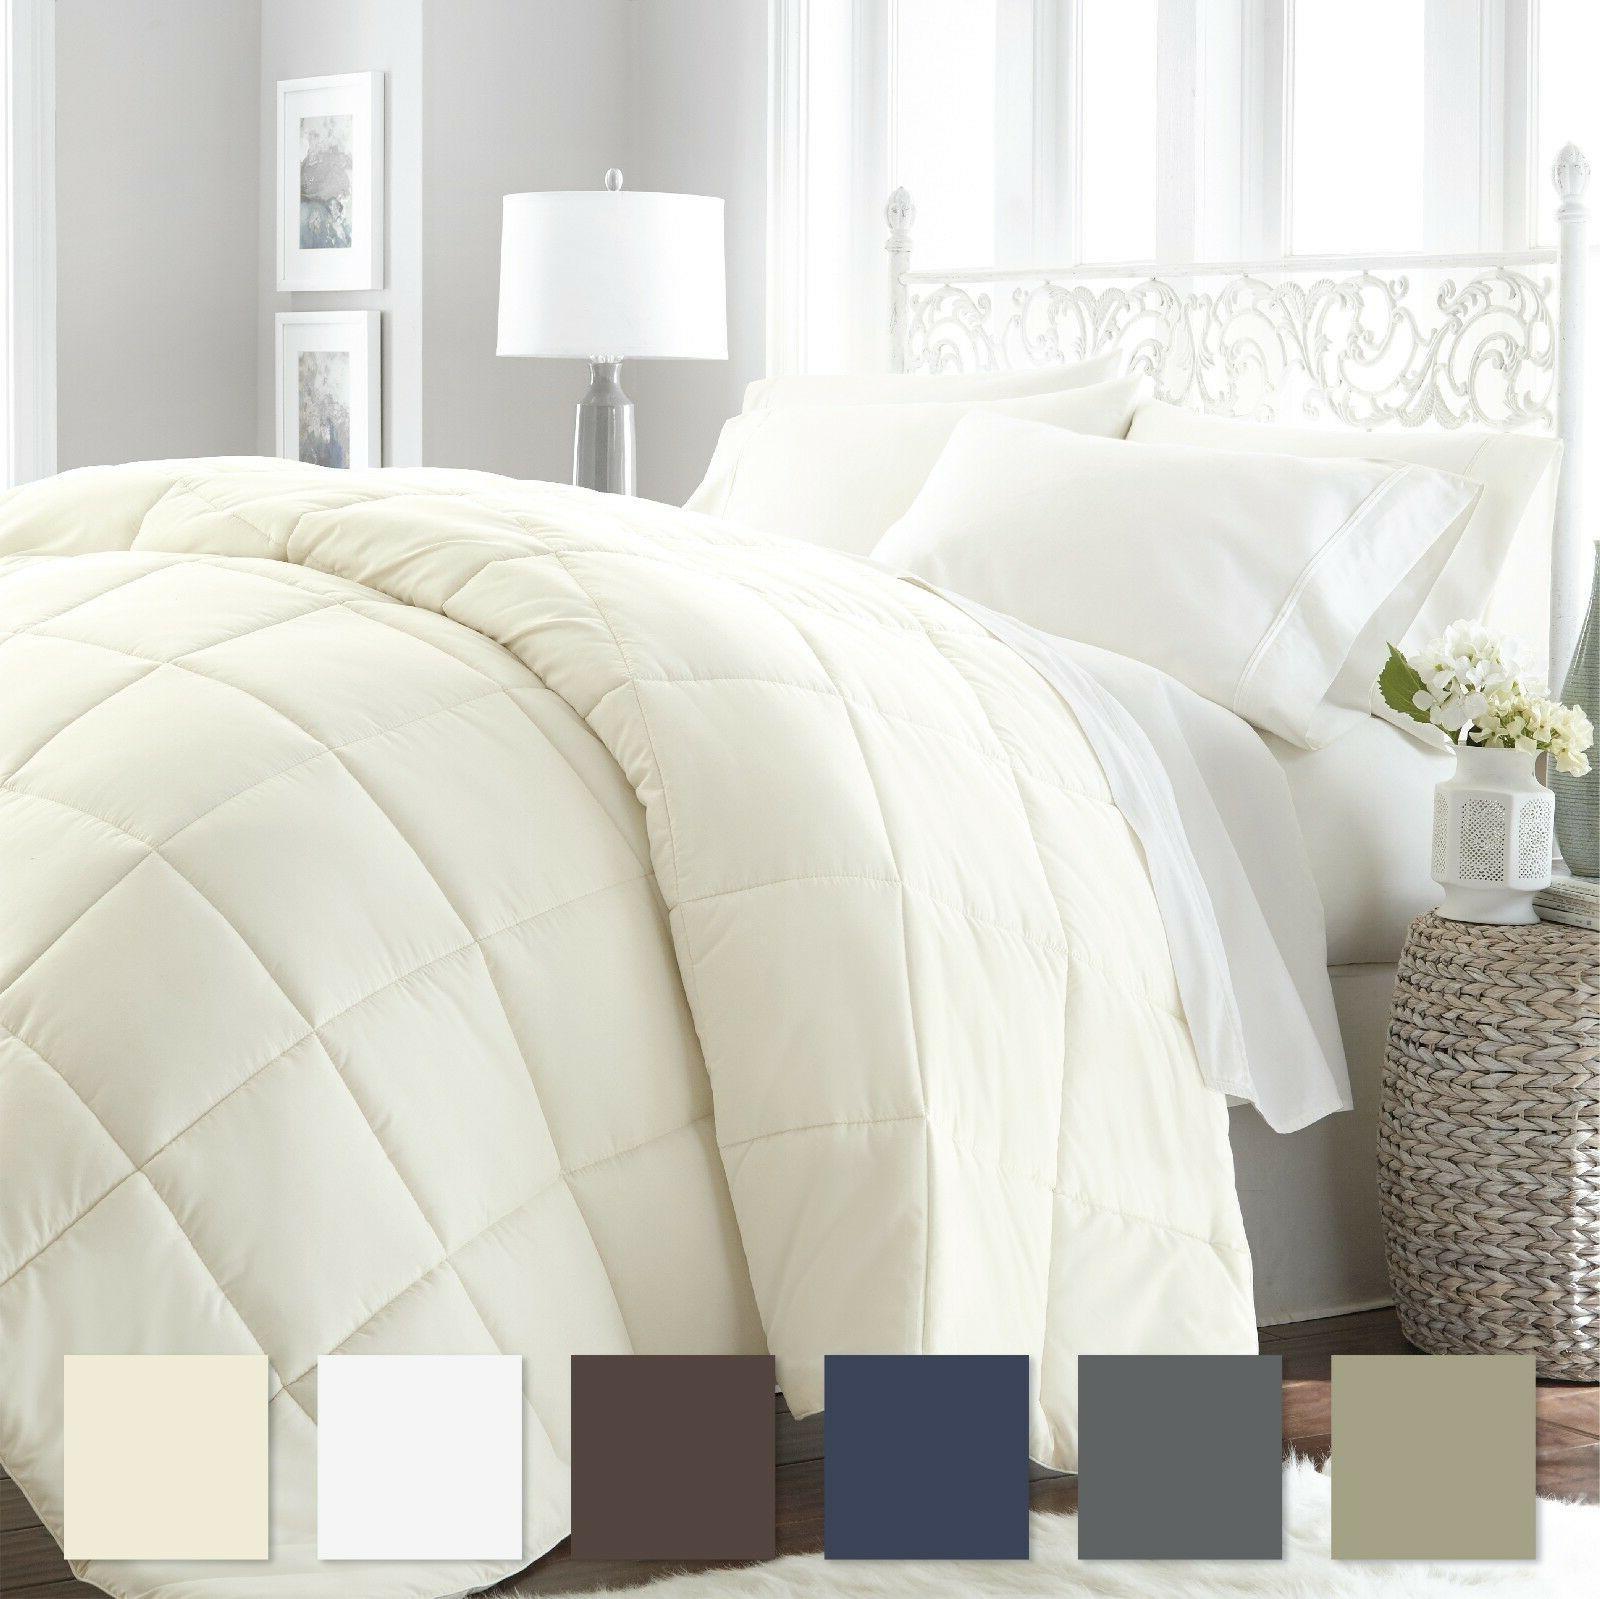 ultra soft lightweight down alternative comforter six